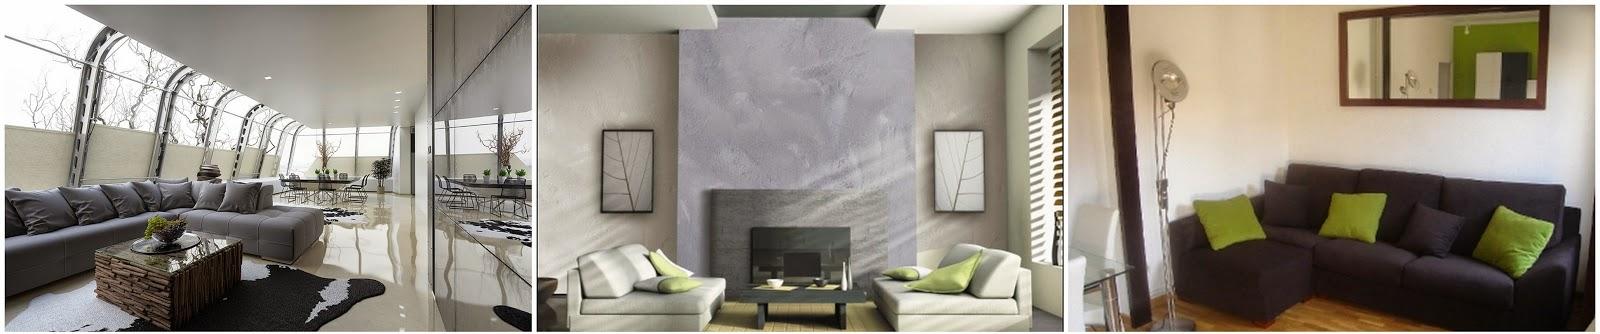 prix travaux peintre en batiment appartement paris peintre professionnel cesu. Black Bedroom Furniture Sets. Home Design Ideas